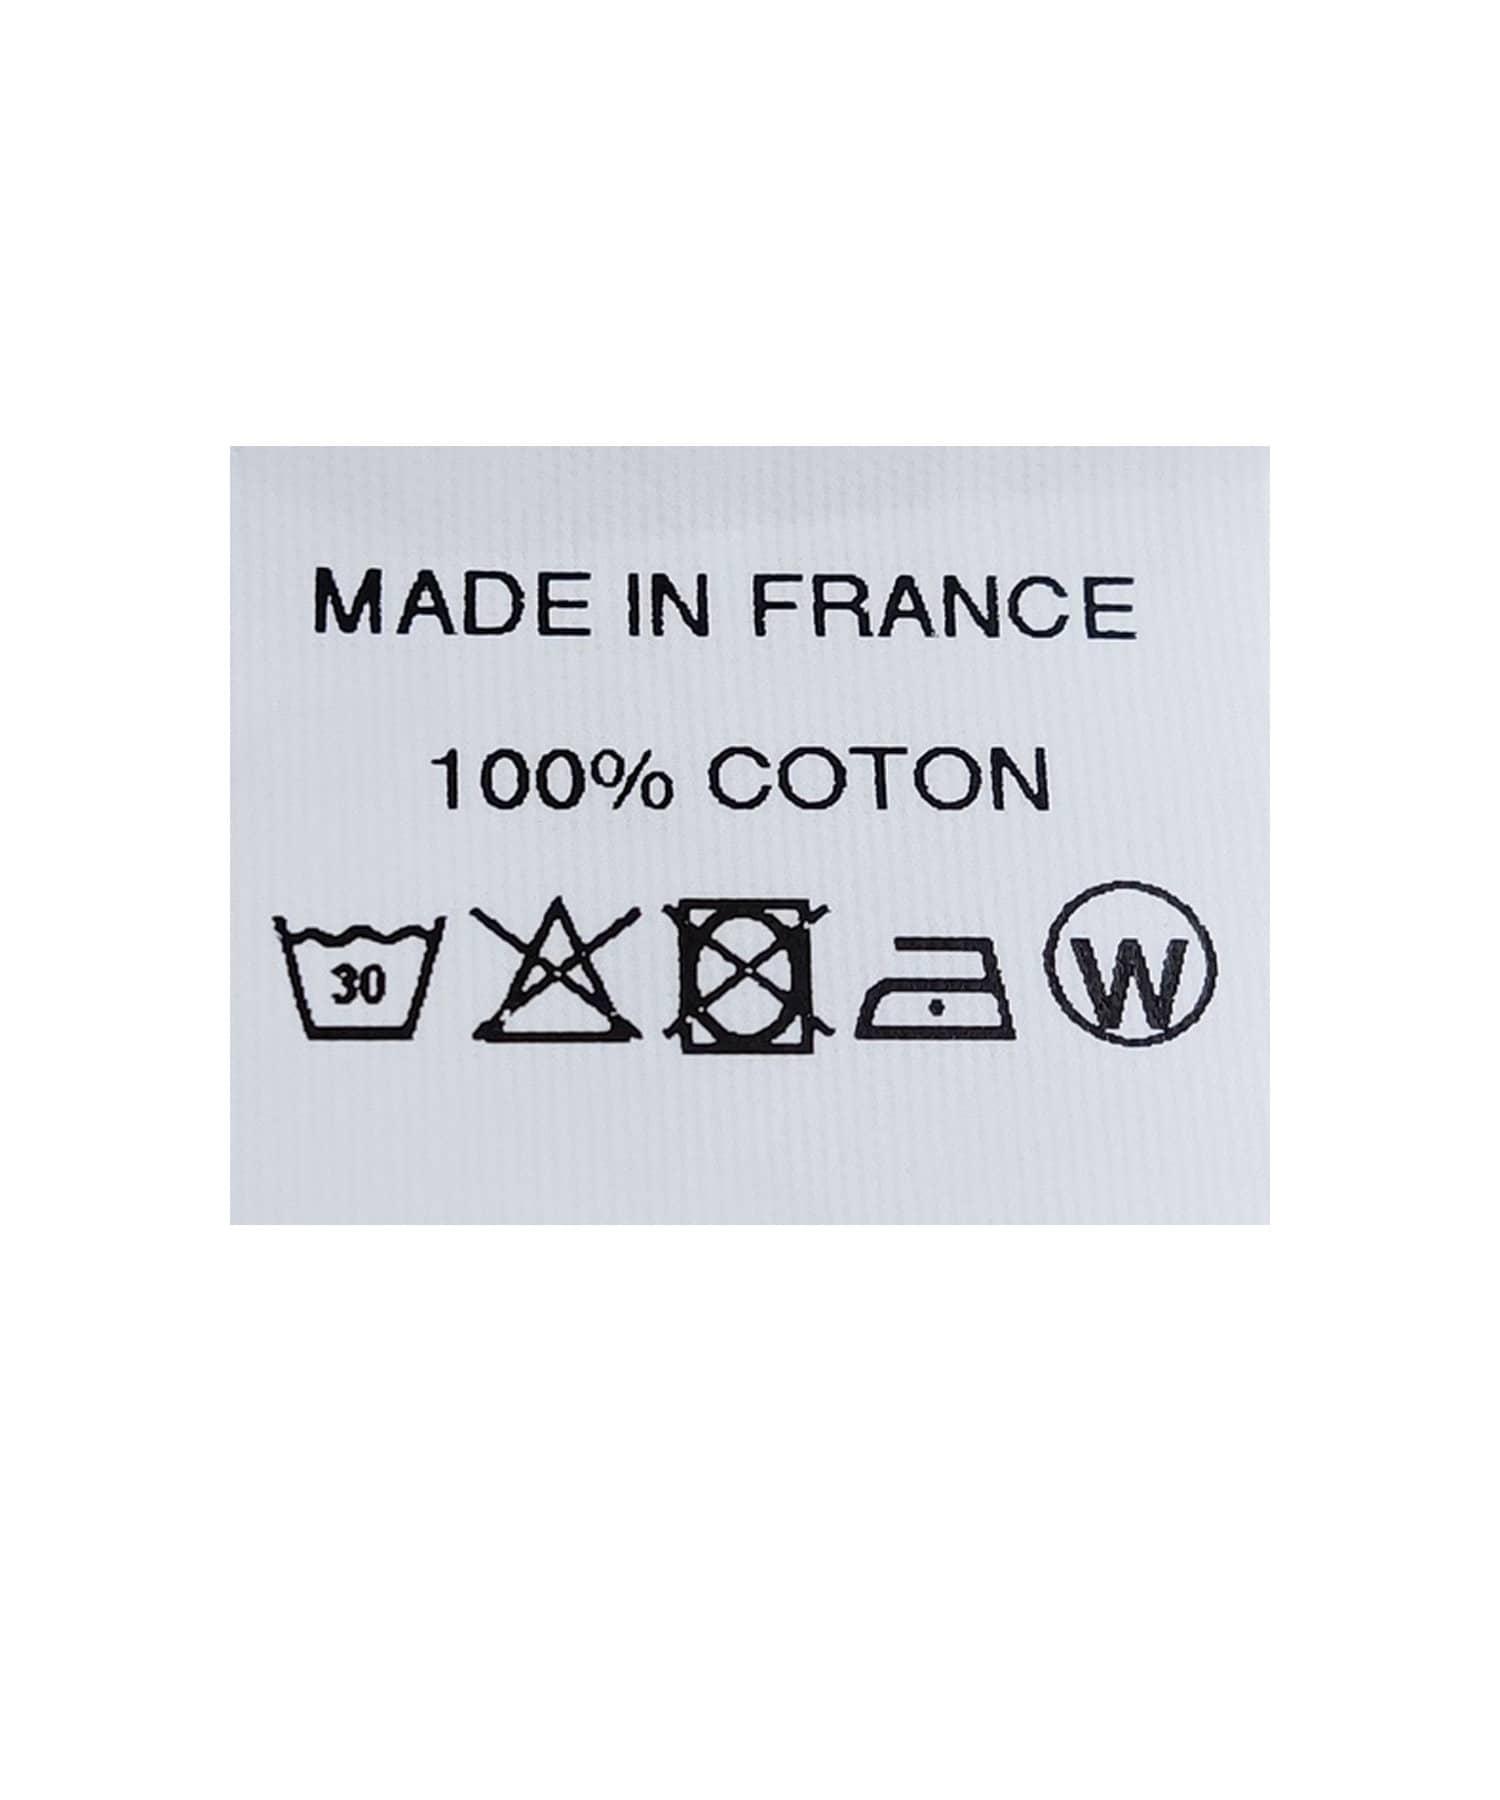 La boutique BonBon(ラブティックボンボン) 【ラグランでリラクシー・Le minor】マリニエールバロンカットソー